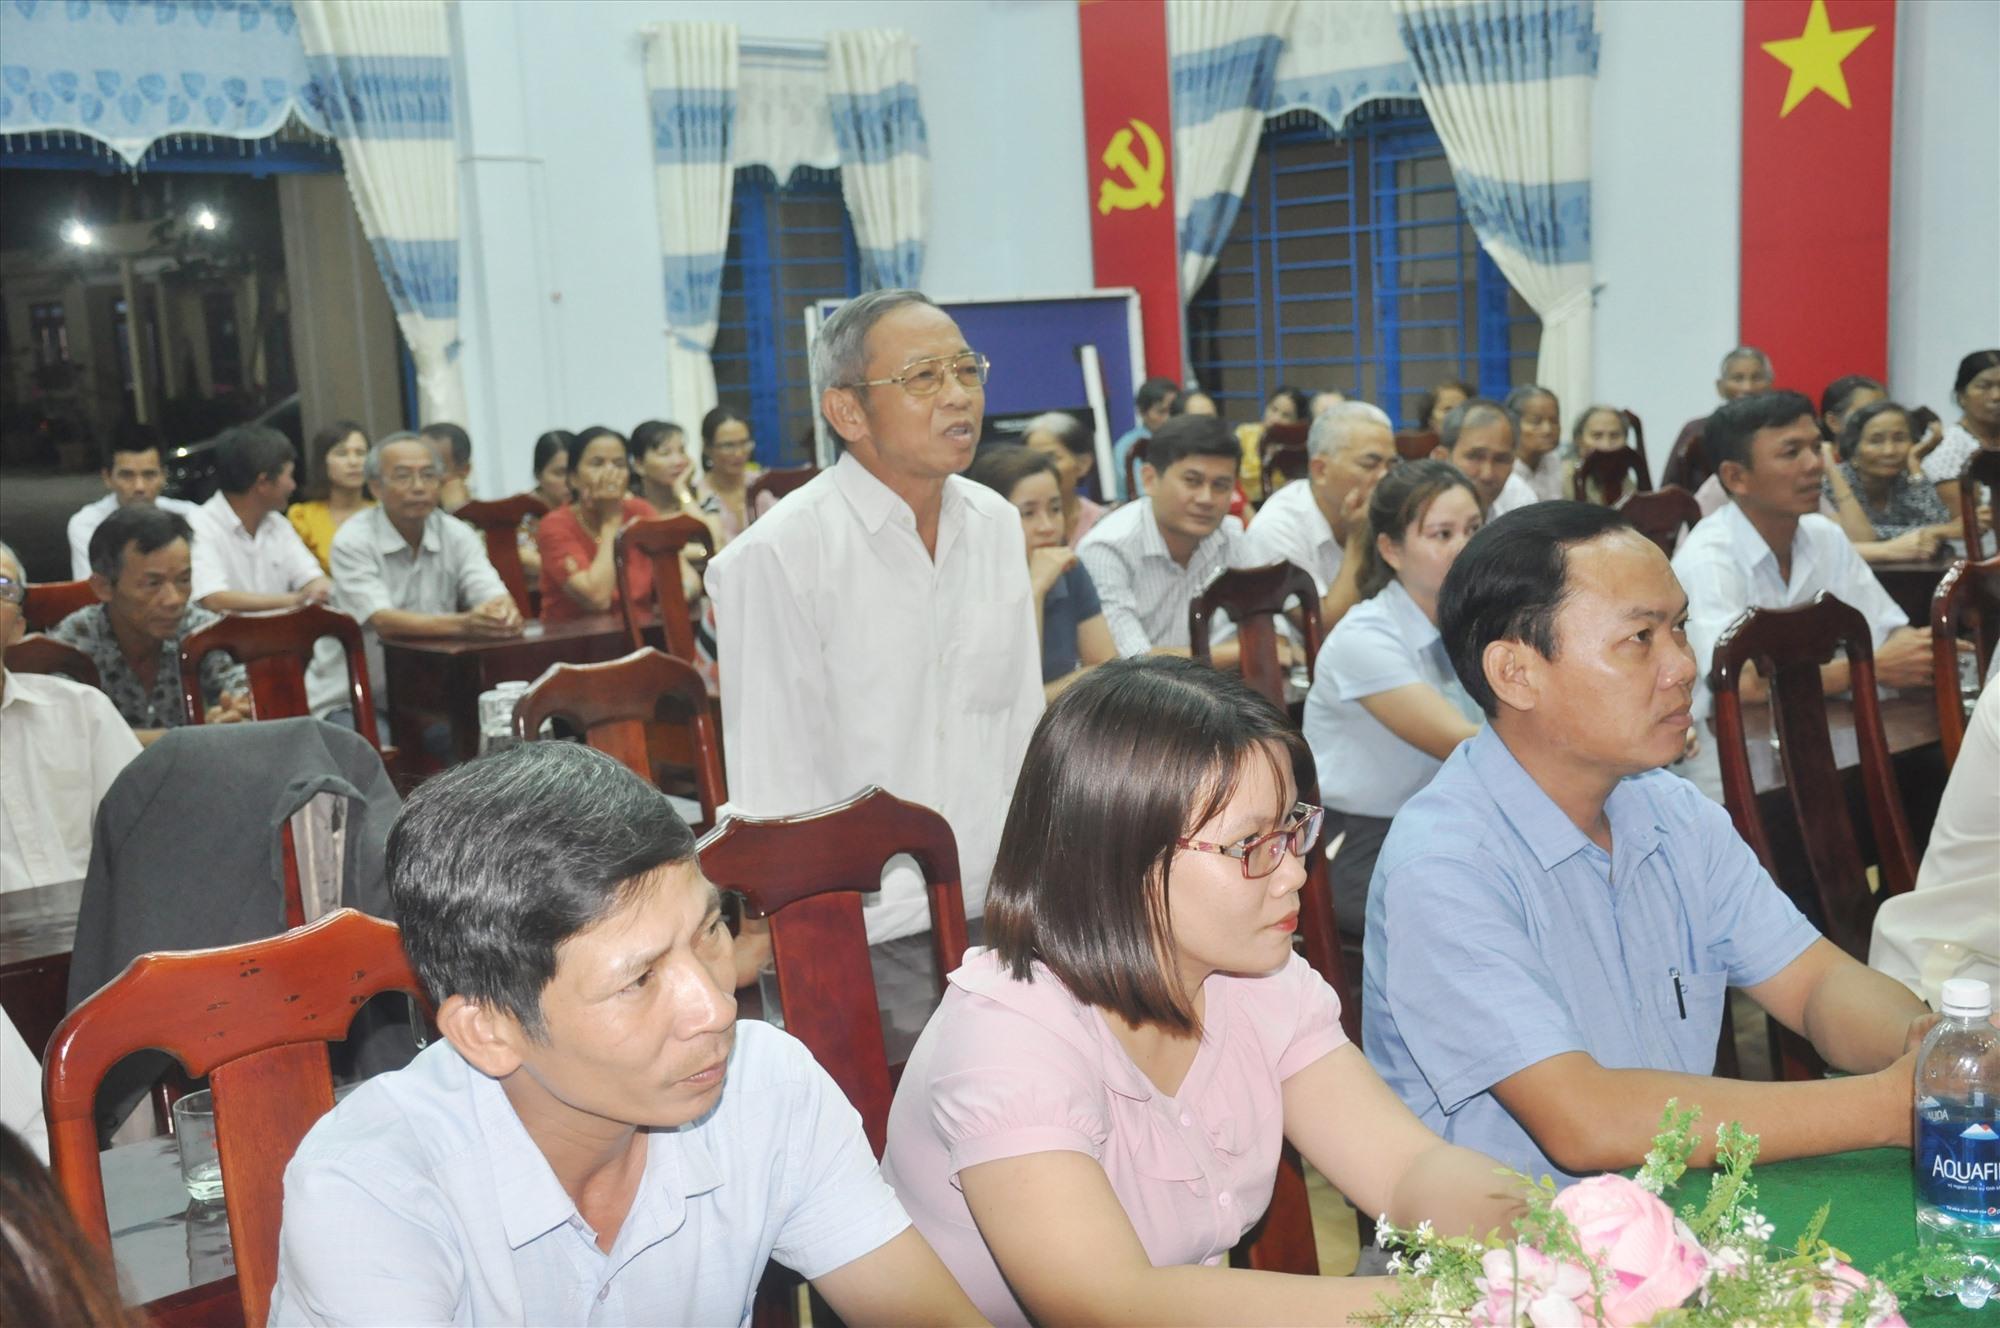 Cử tri thôn Tân Thuận (xã Hiệp Thuận, Hiệp Đức) cho ý kiến nhận xét và tín nhiệm đối với người ứng cử đại biểu Quốc hội và đại biểu HĐND các cấp. Ảnh: N.Đ